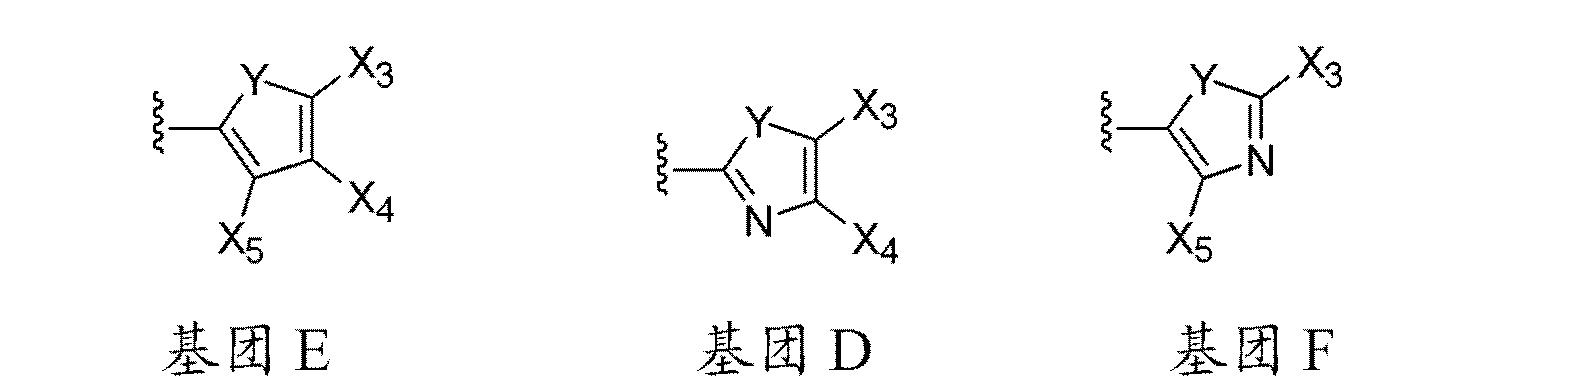 Figure CN102448458BD00533